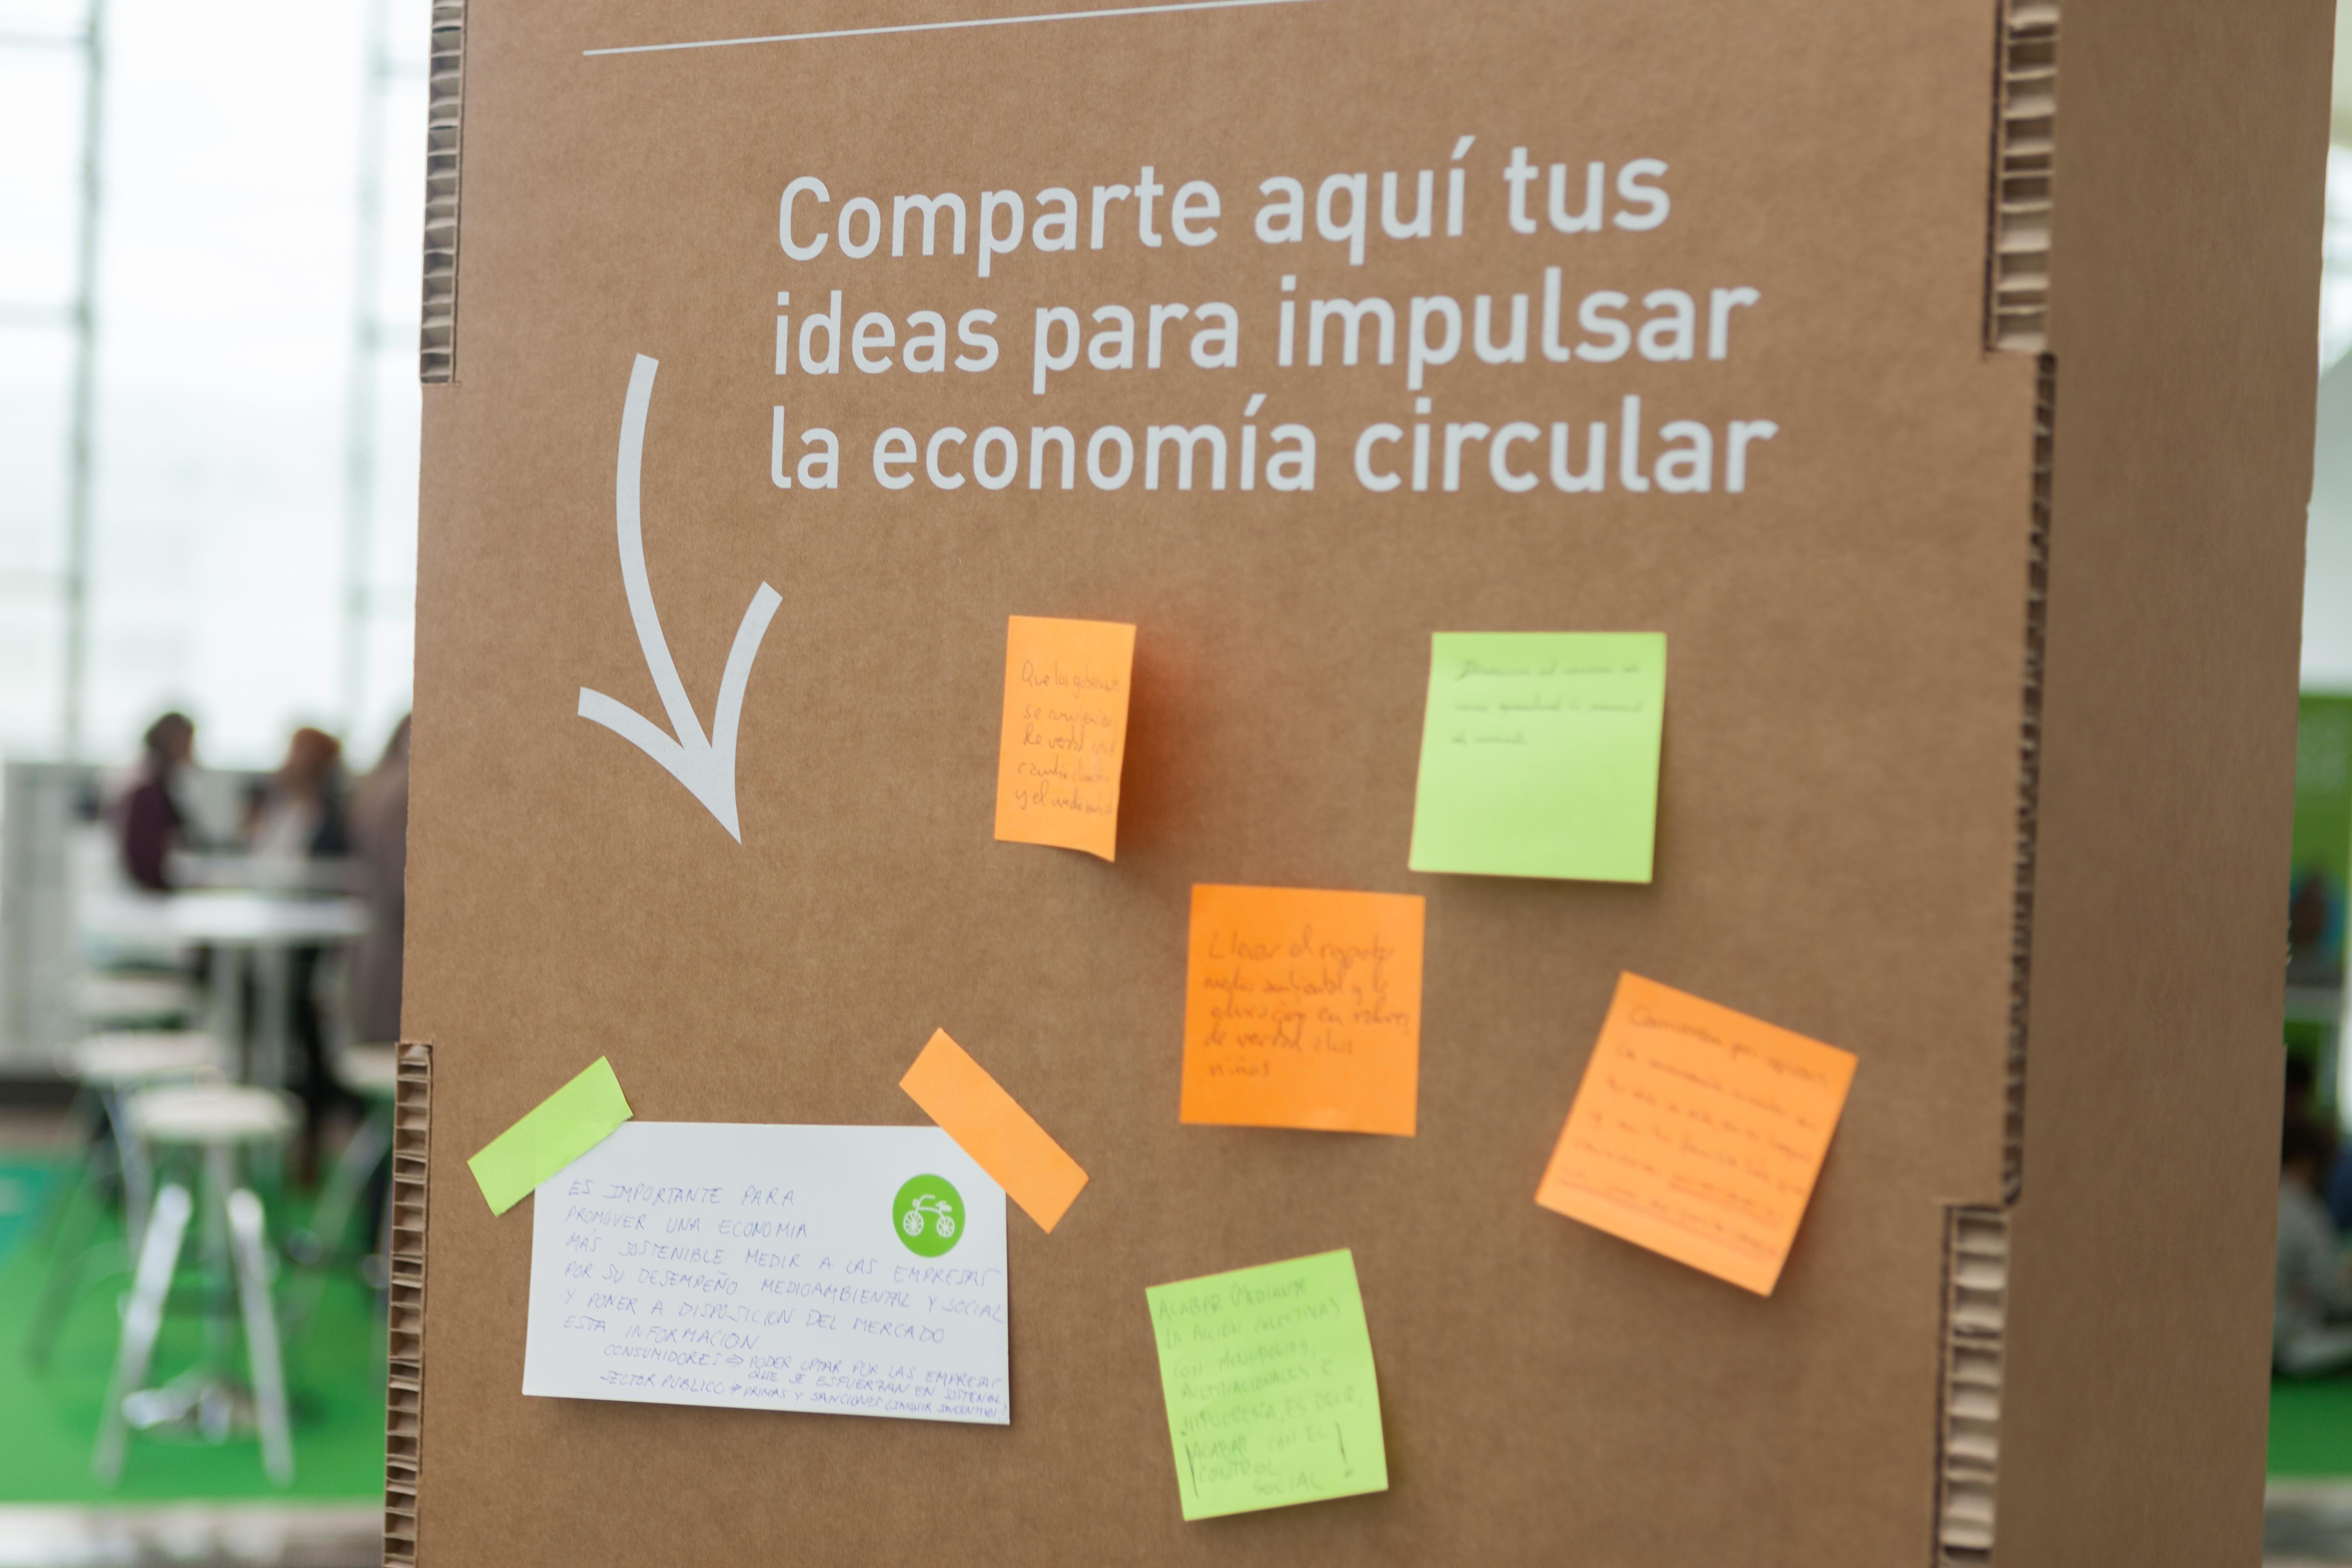 - Ideas para impulsar la economía circular